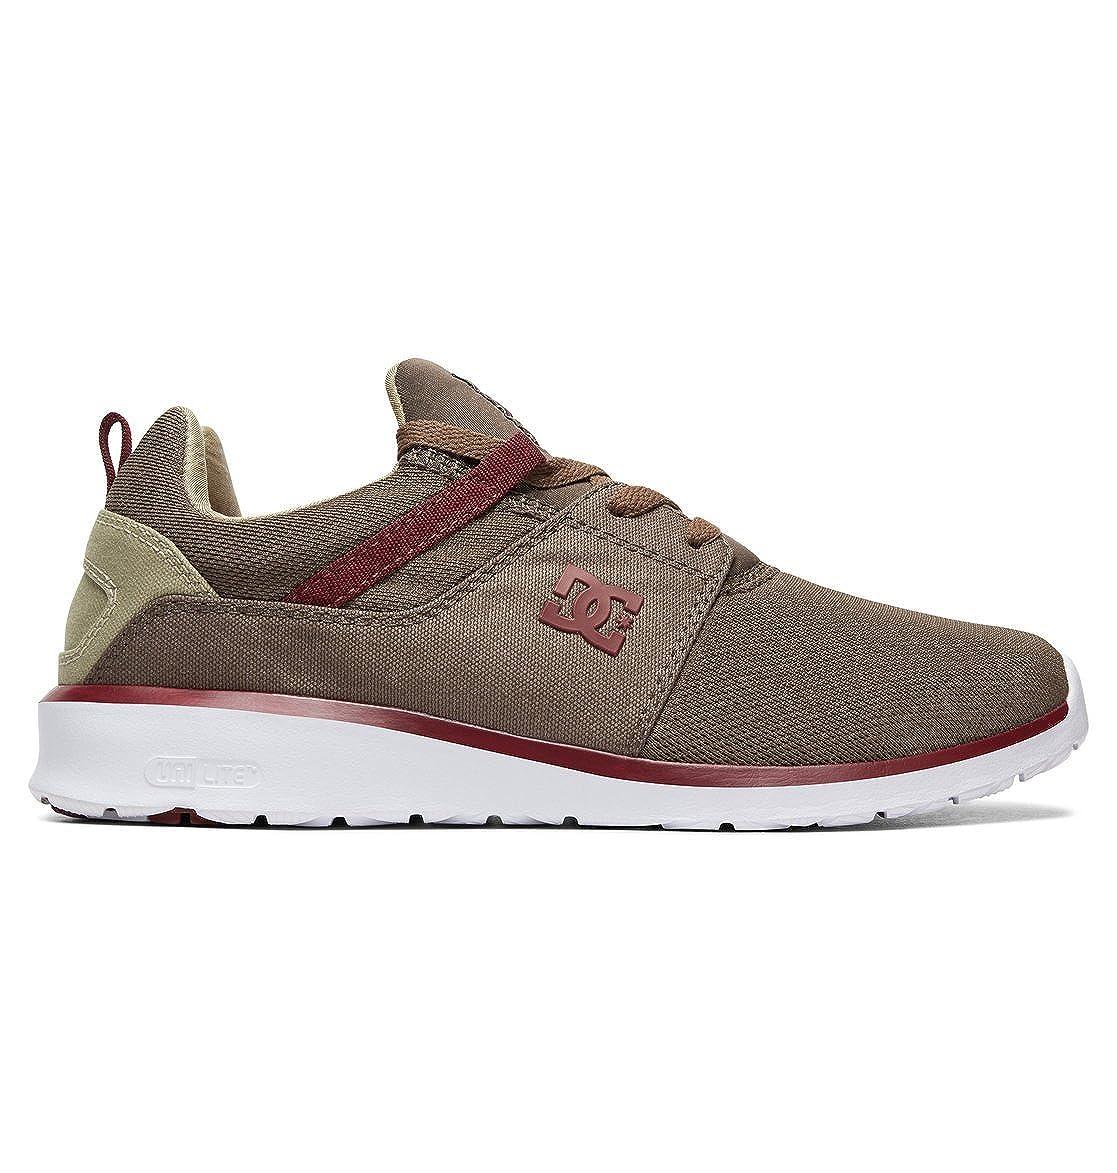 Gentiluomo   Signora DC scarpe Heathrow M, scarpe da ginnastica Uomo Attraente e resistente Funzione speciale Taohuo | Aspetto Attraente  | Uomo/Donne Scarpa